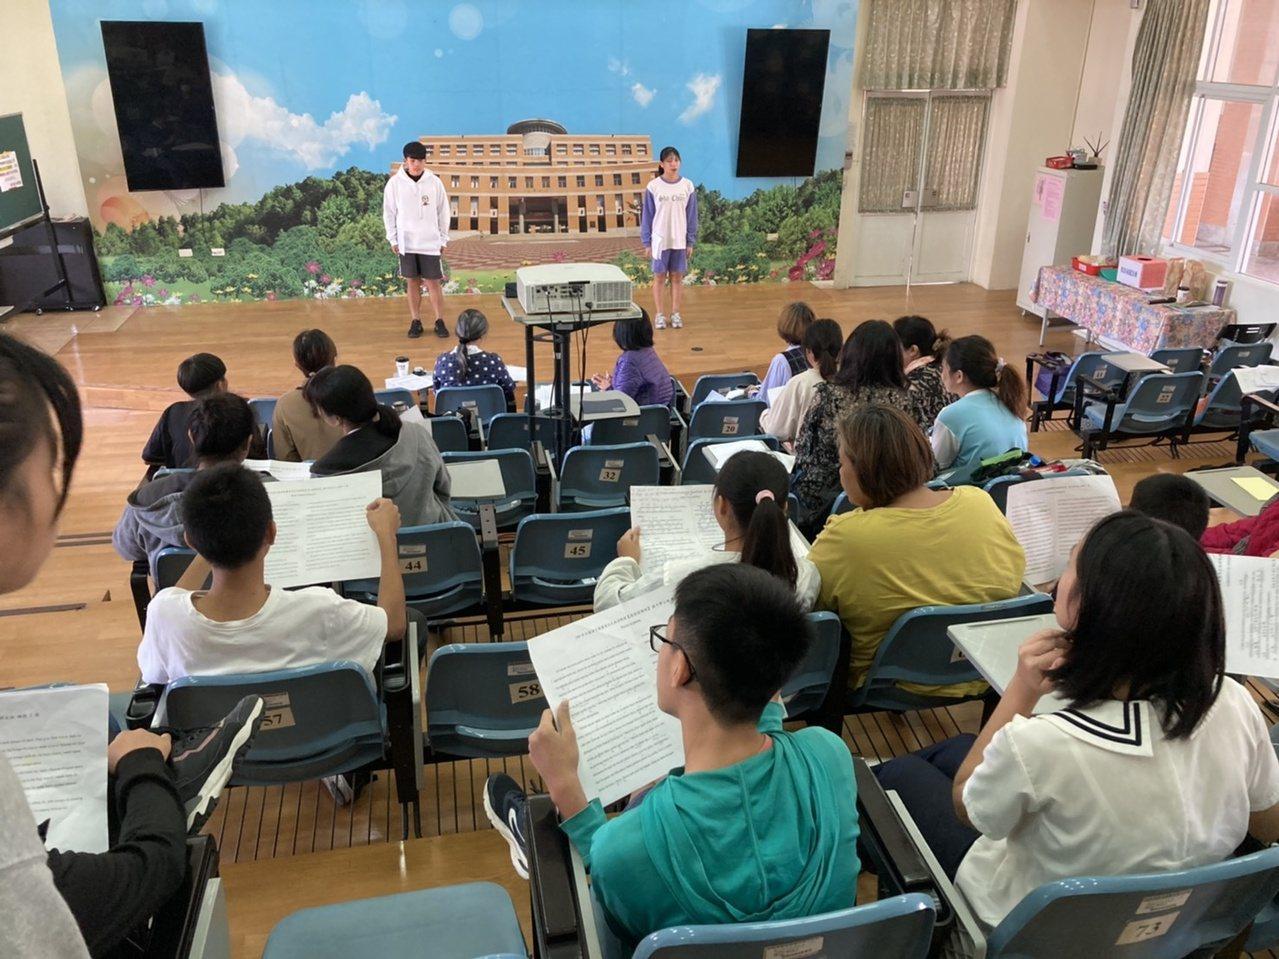 台中語文競賽競賽員集訓,不少保母多年來傳承指導選手。 圖/陳秋雲 攝影